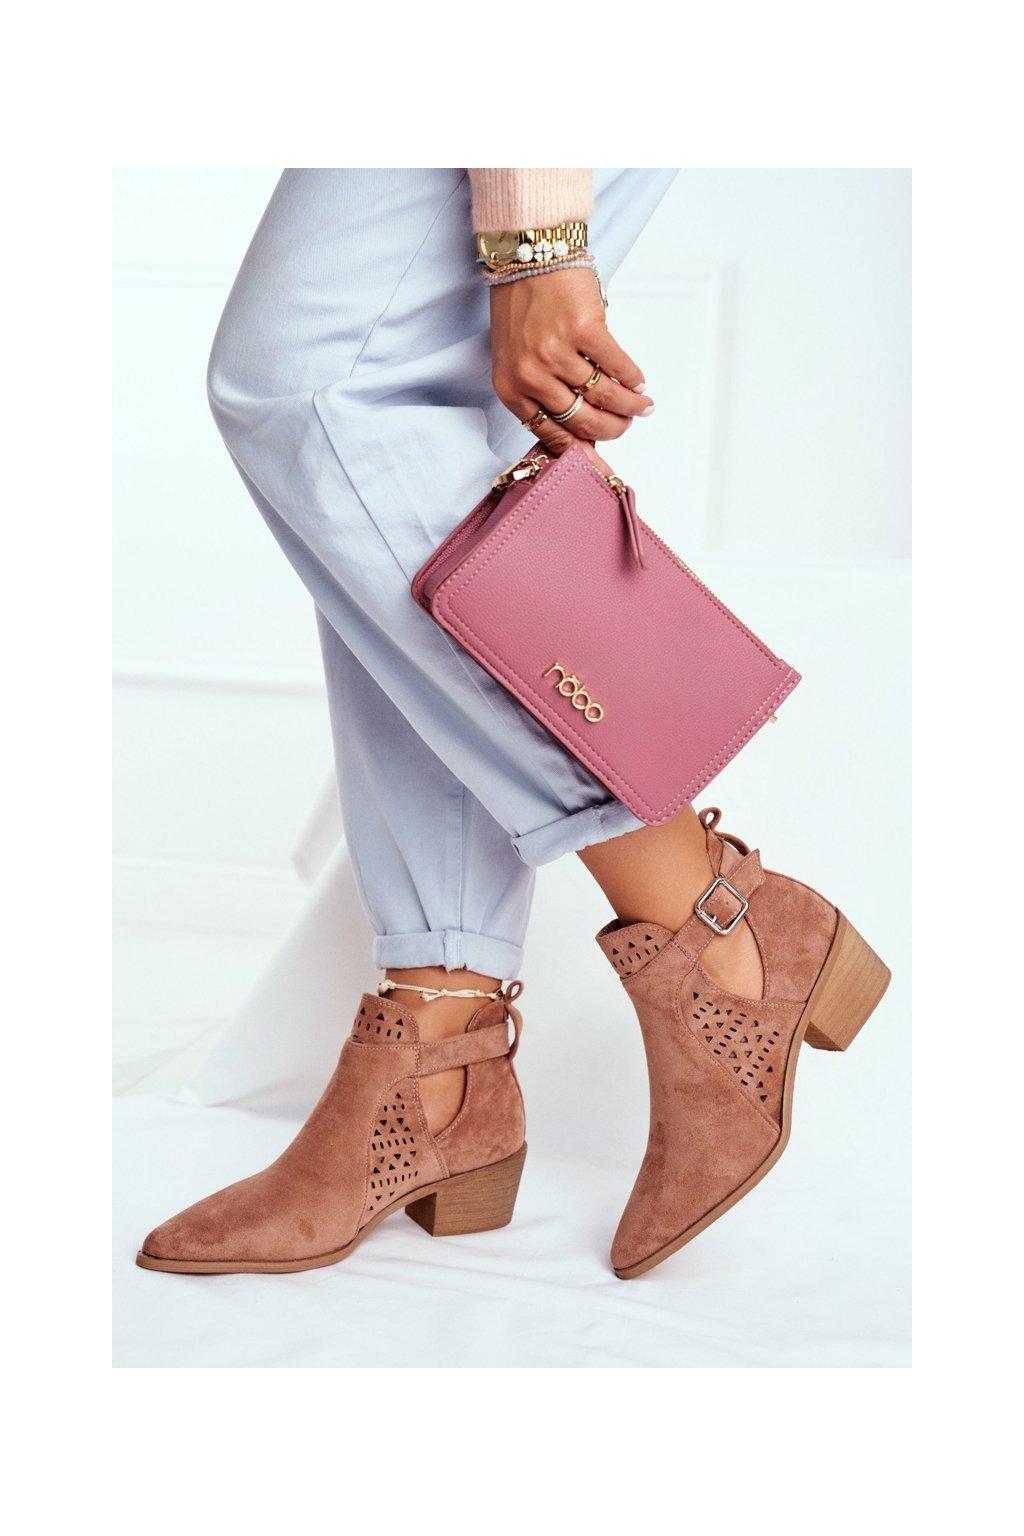 Dámske jarné topánky na podpätku Semišové Ružové Rita NJSK B-116